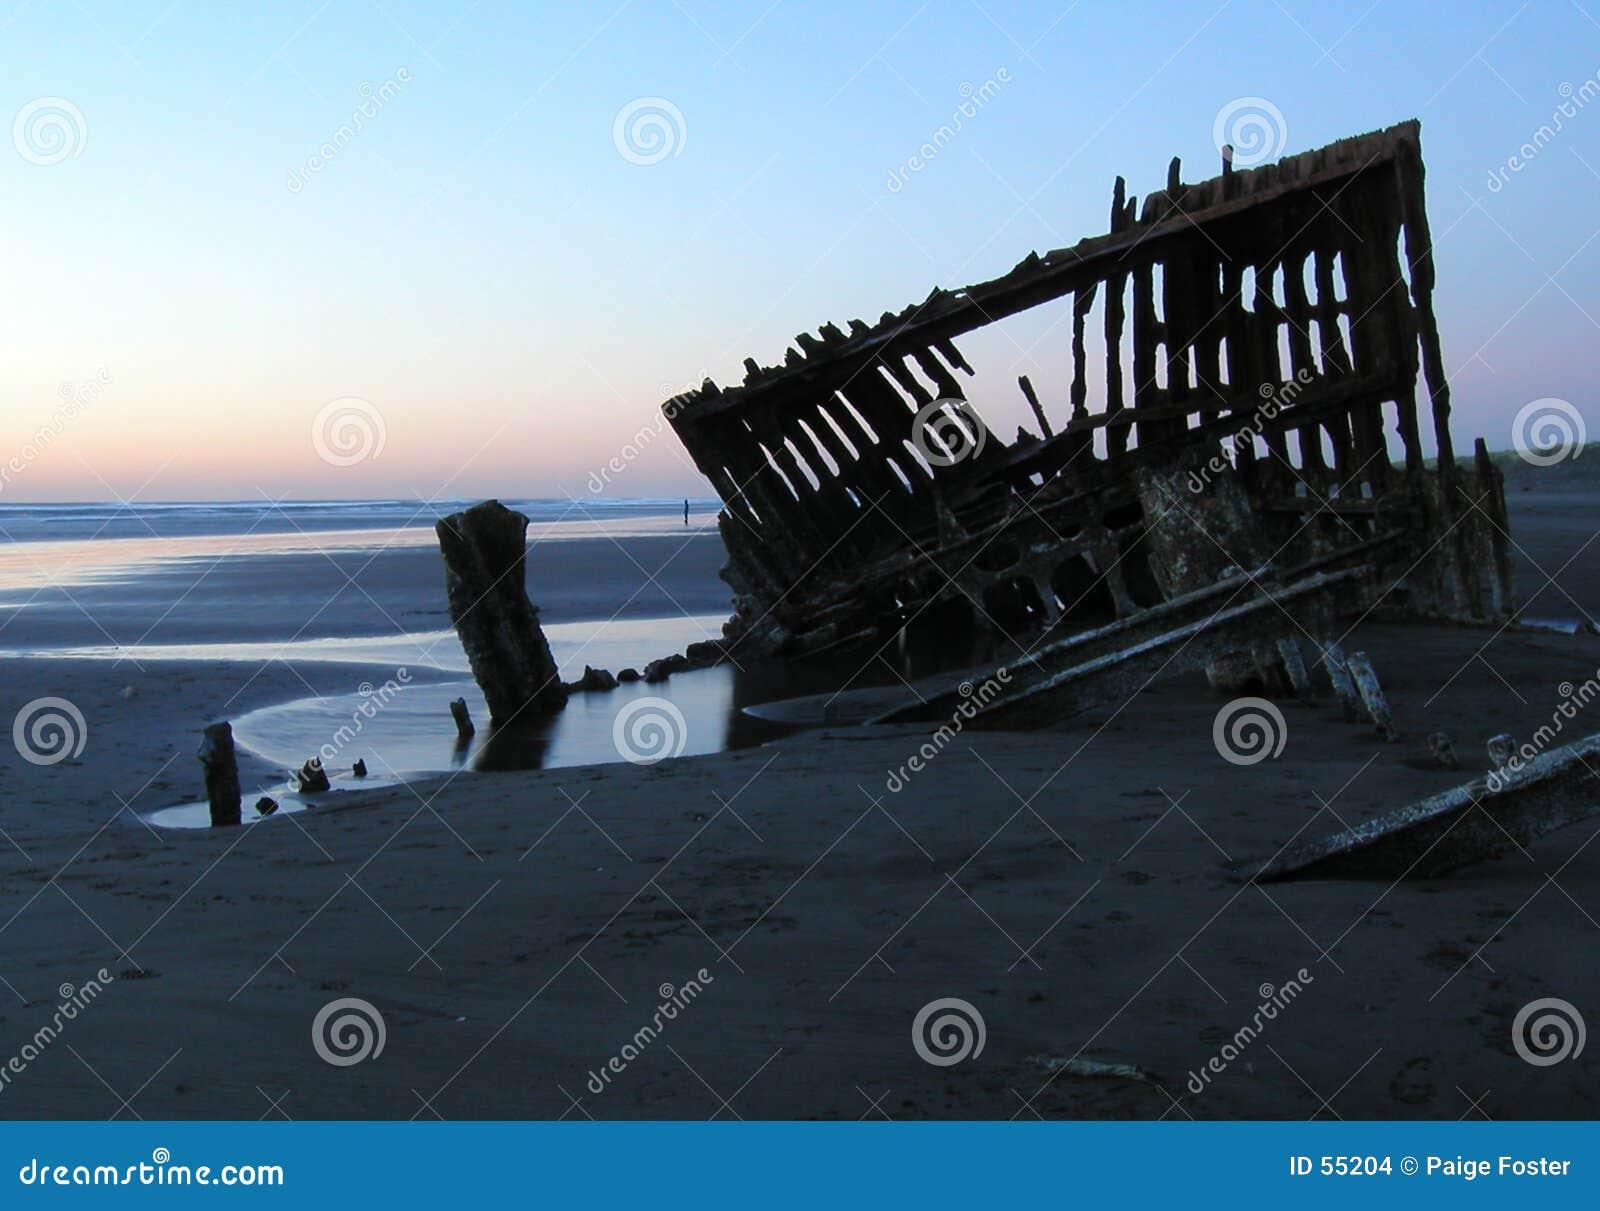 силуэт 2 кораблекрушениями